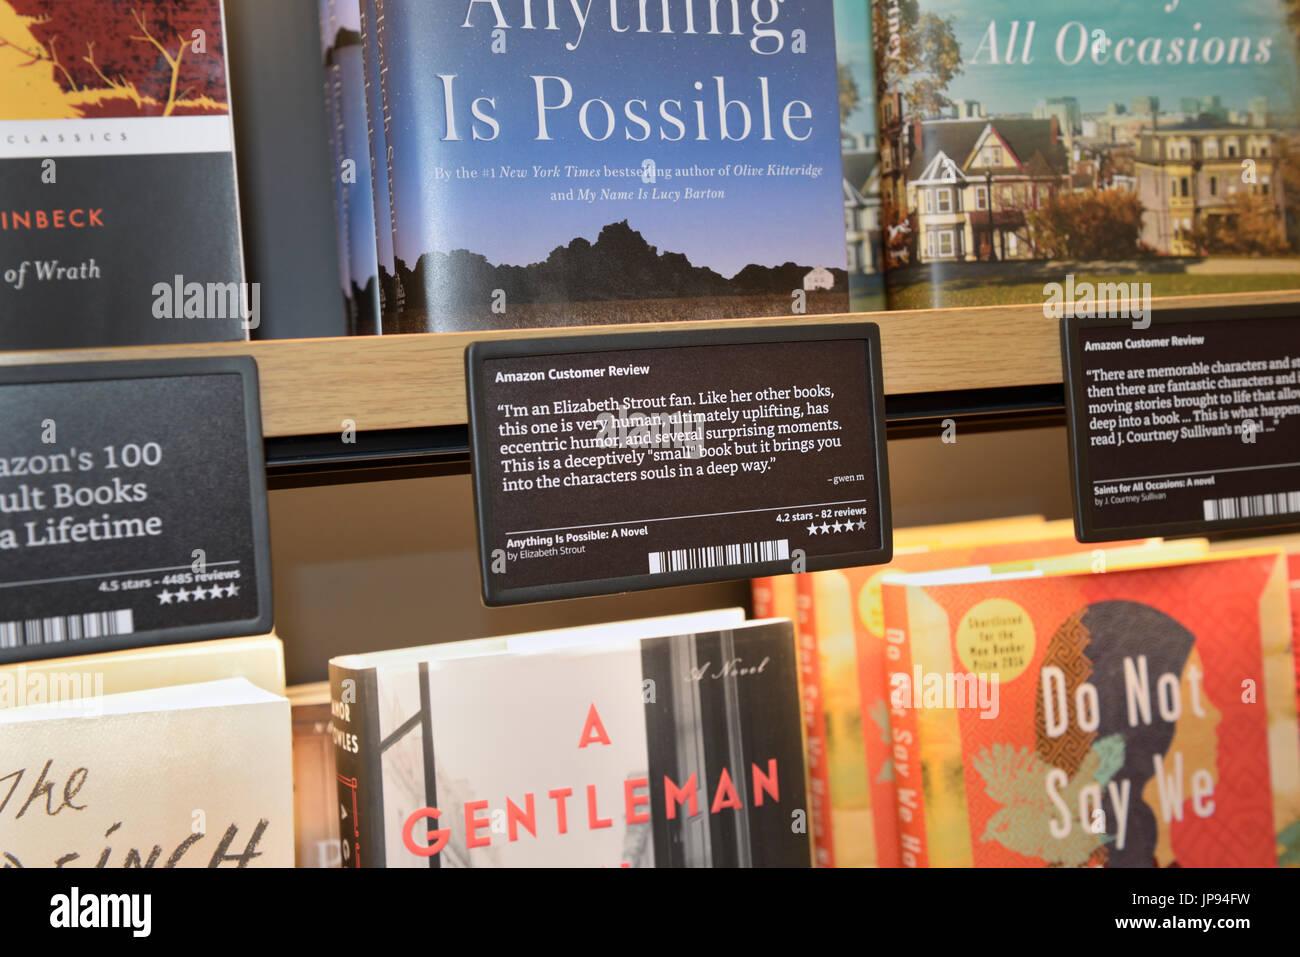 Bücher in den Regalen ein Amazon Bücher-Shop mit